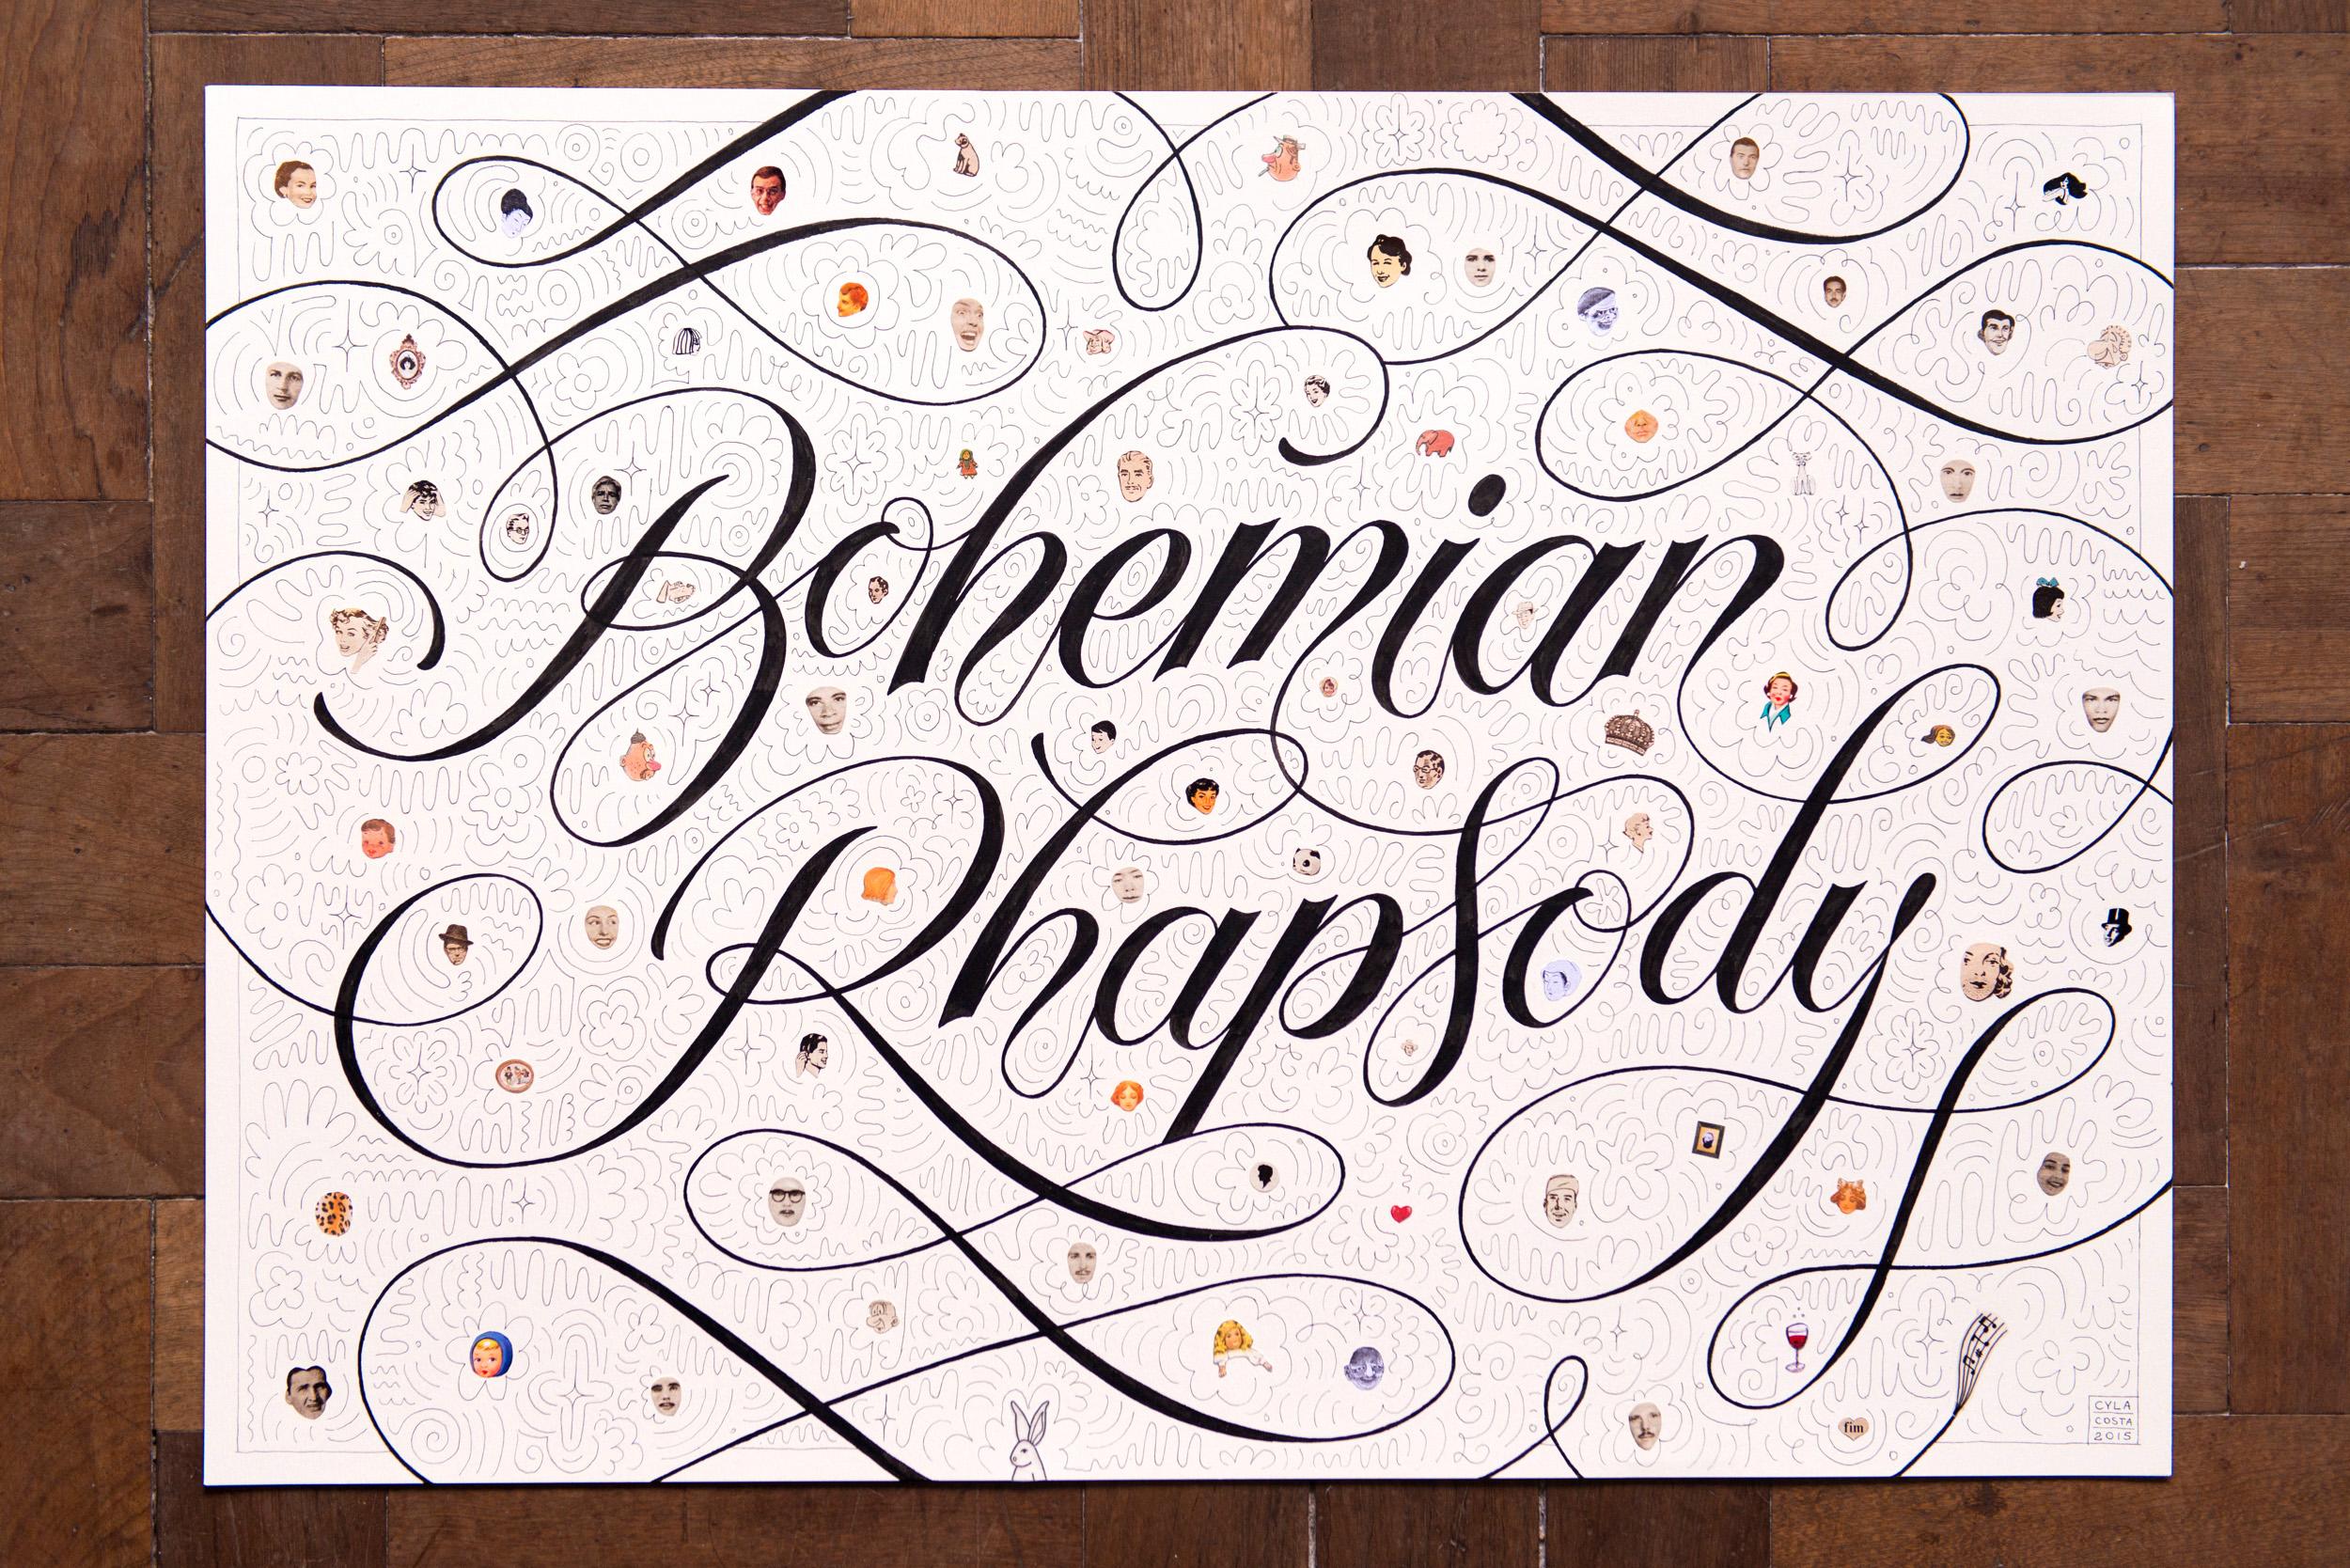 Image via https://www.behance.net/gallery/28360169/Bohemian-Rhapsody-for-MALC